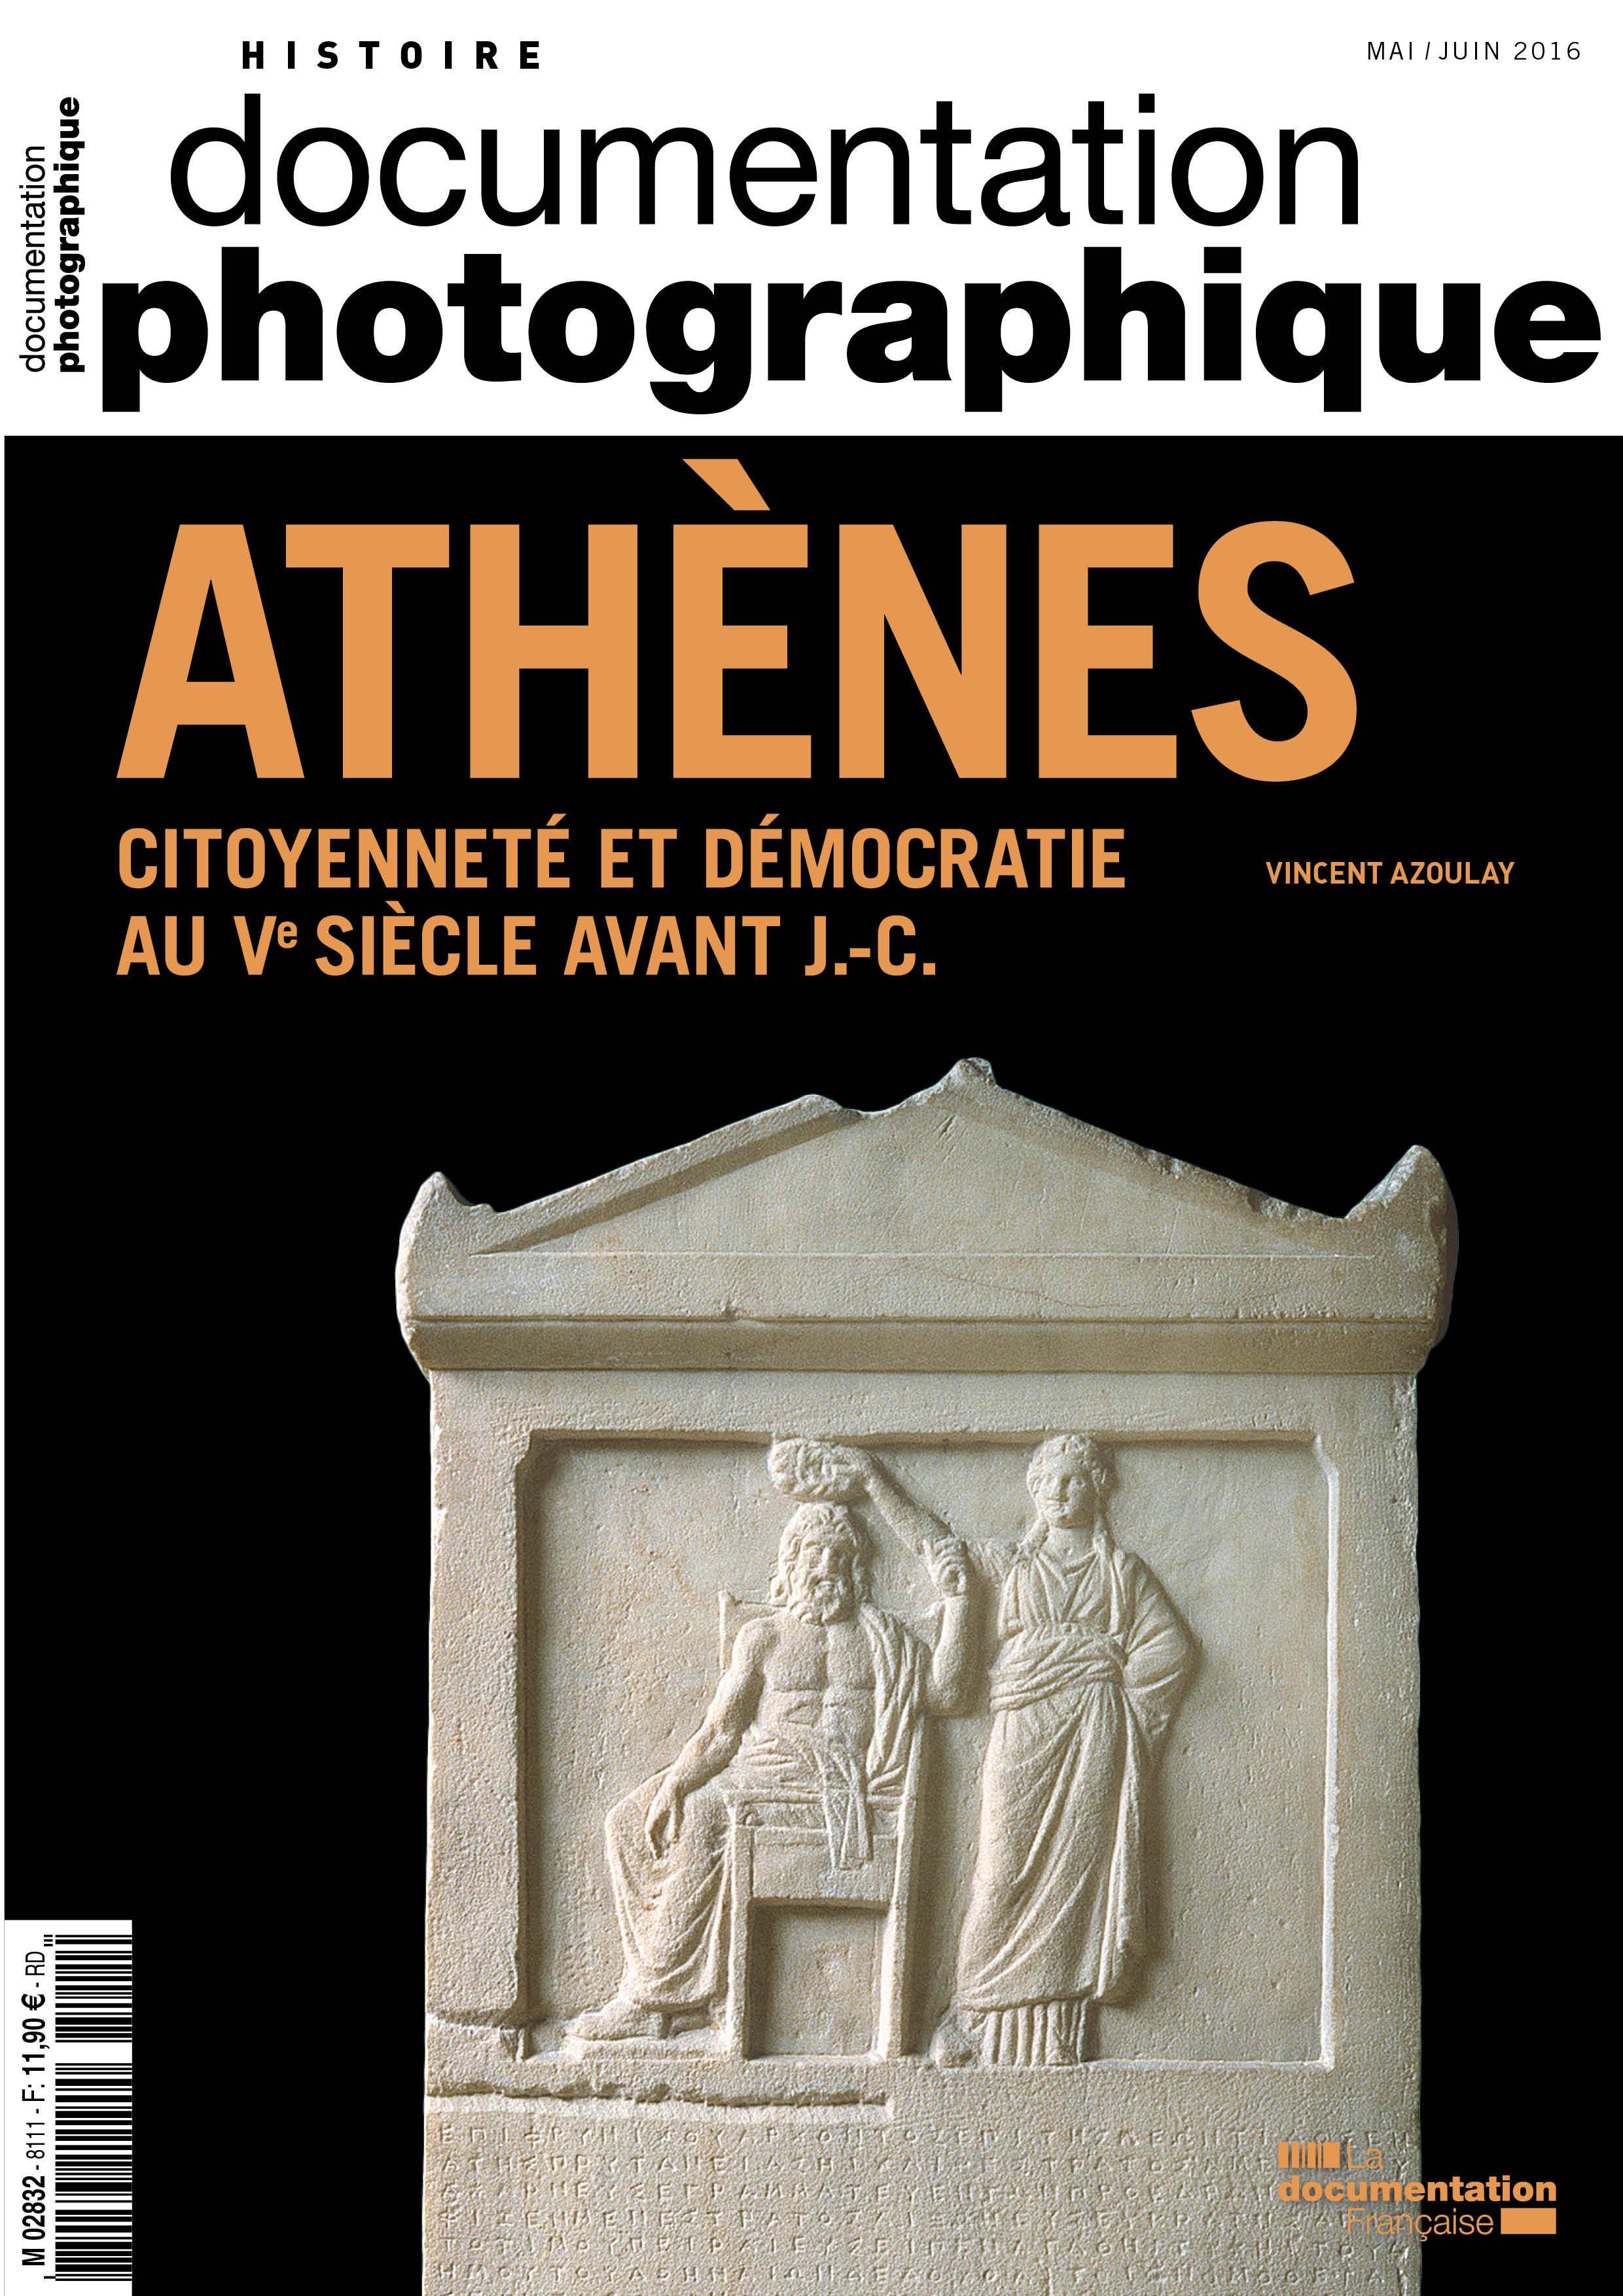 ATHENES,CITOYENNETE ET DEMOCRATIE AU VEME SIECLE AVANT JESUS-CHRIST - DP N 8111